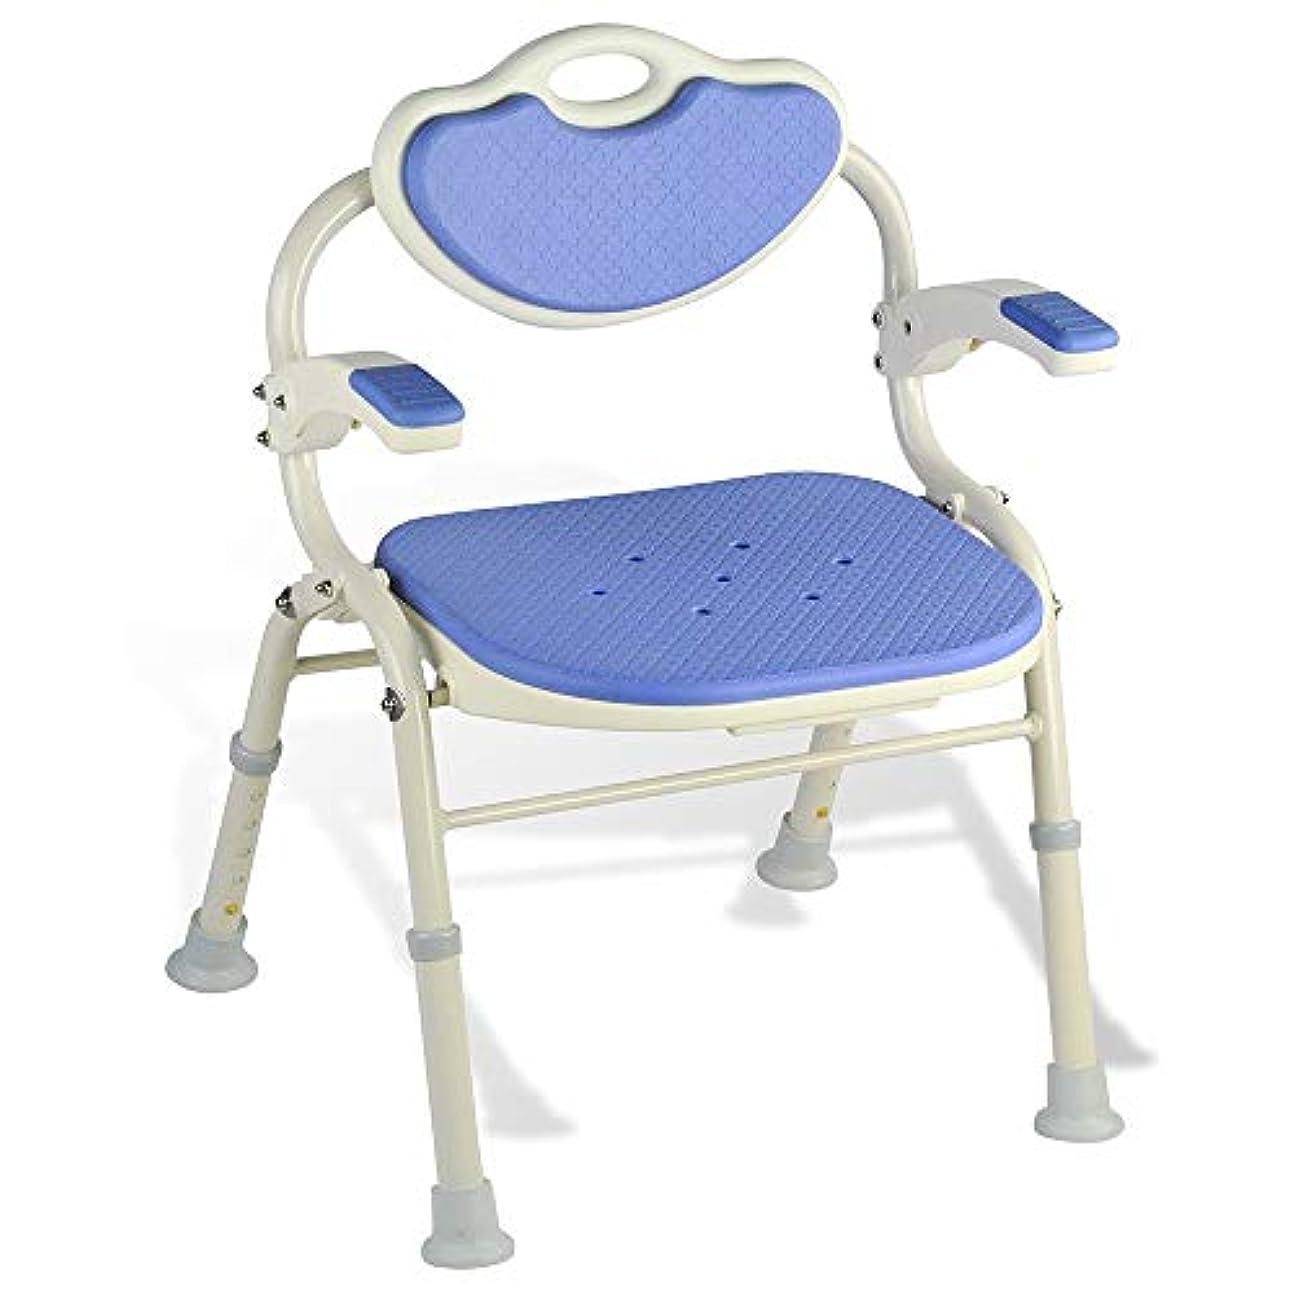 タックルペネロペ堤防折り畳み式の入浴椅子、背もたれスツールの高さ回転可能な手すりと滑り止めフットパッドシャワースツール付きの調節可能なバススツール (Color : 青)